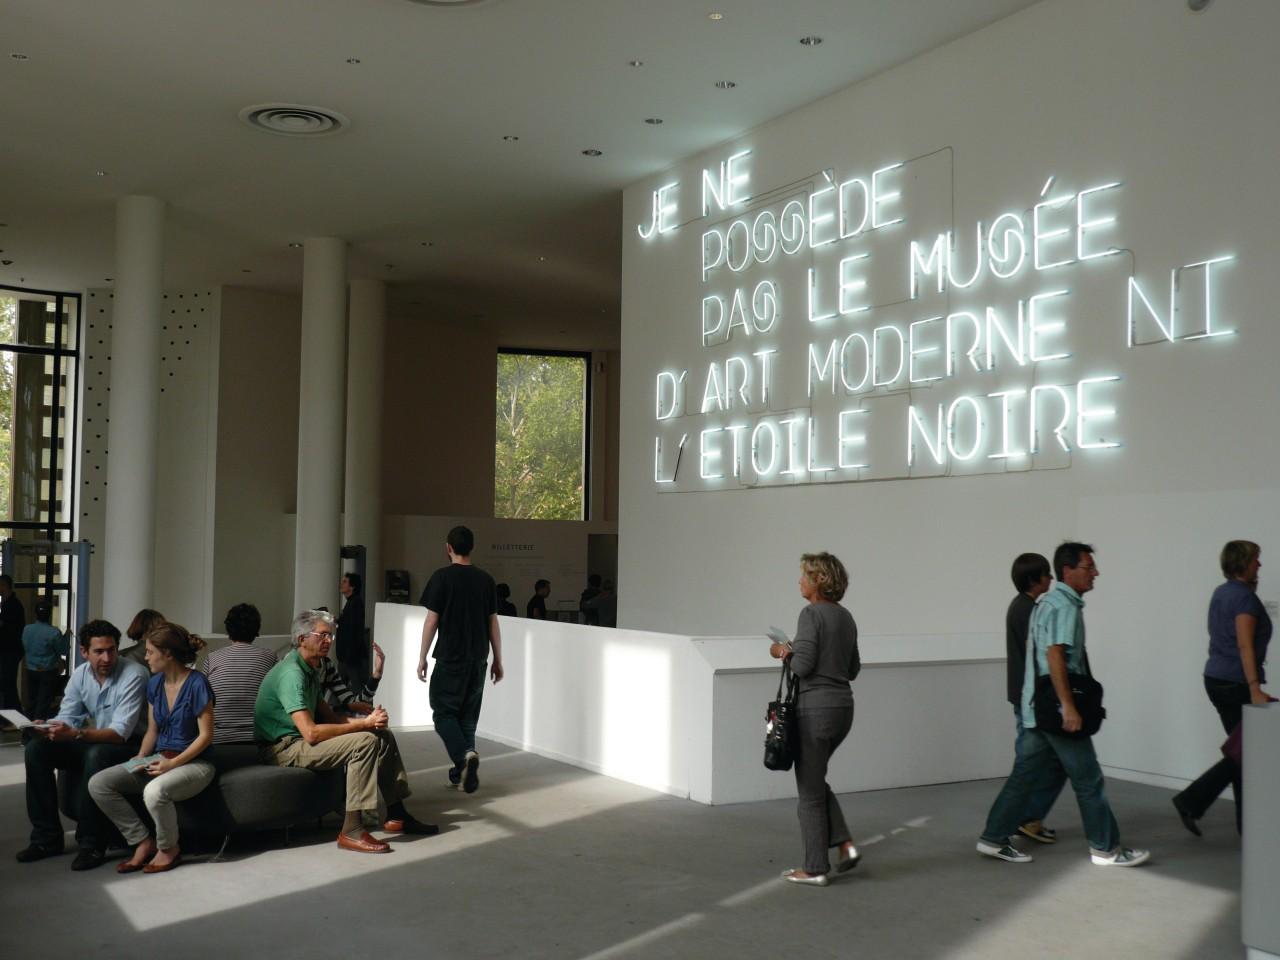 MUSÉE D'ART MODERNE DE PARIS (© MUSÉE D'ART MODERNE DE PARIS))